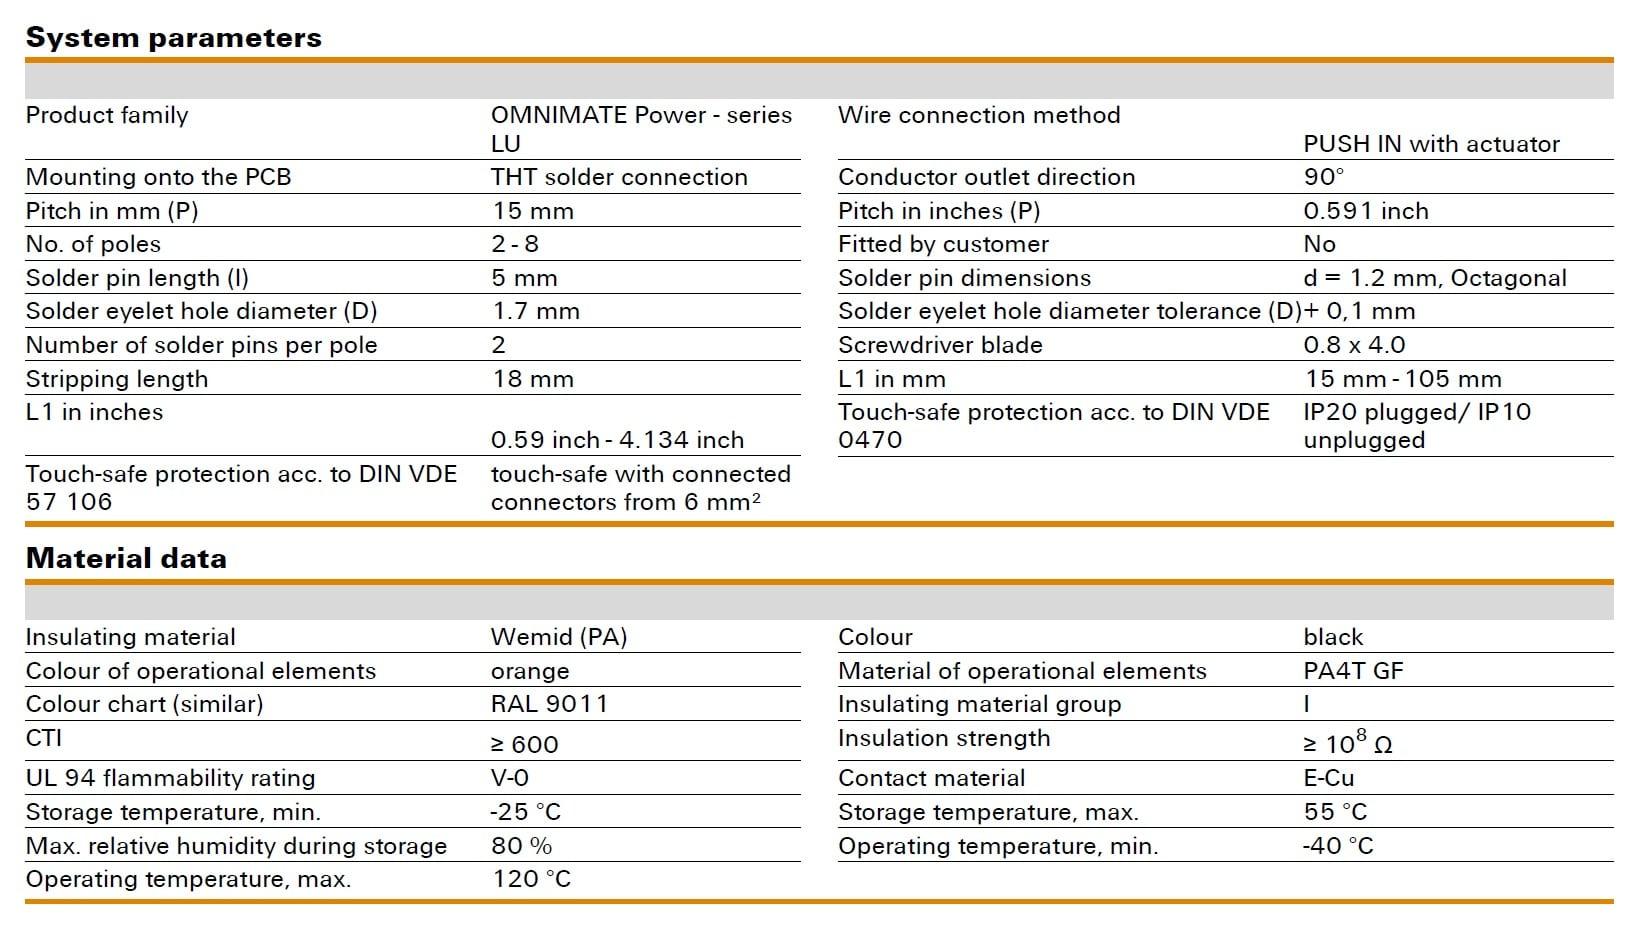 Weidmüller LUF 15.00/90V Specifications